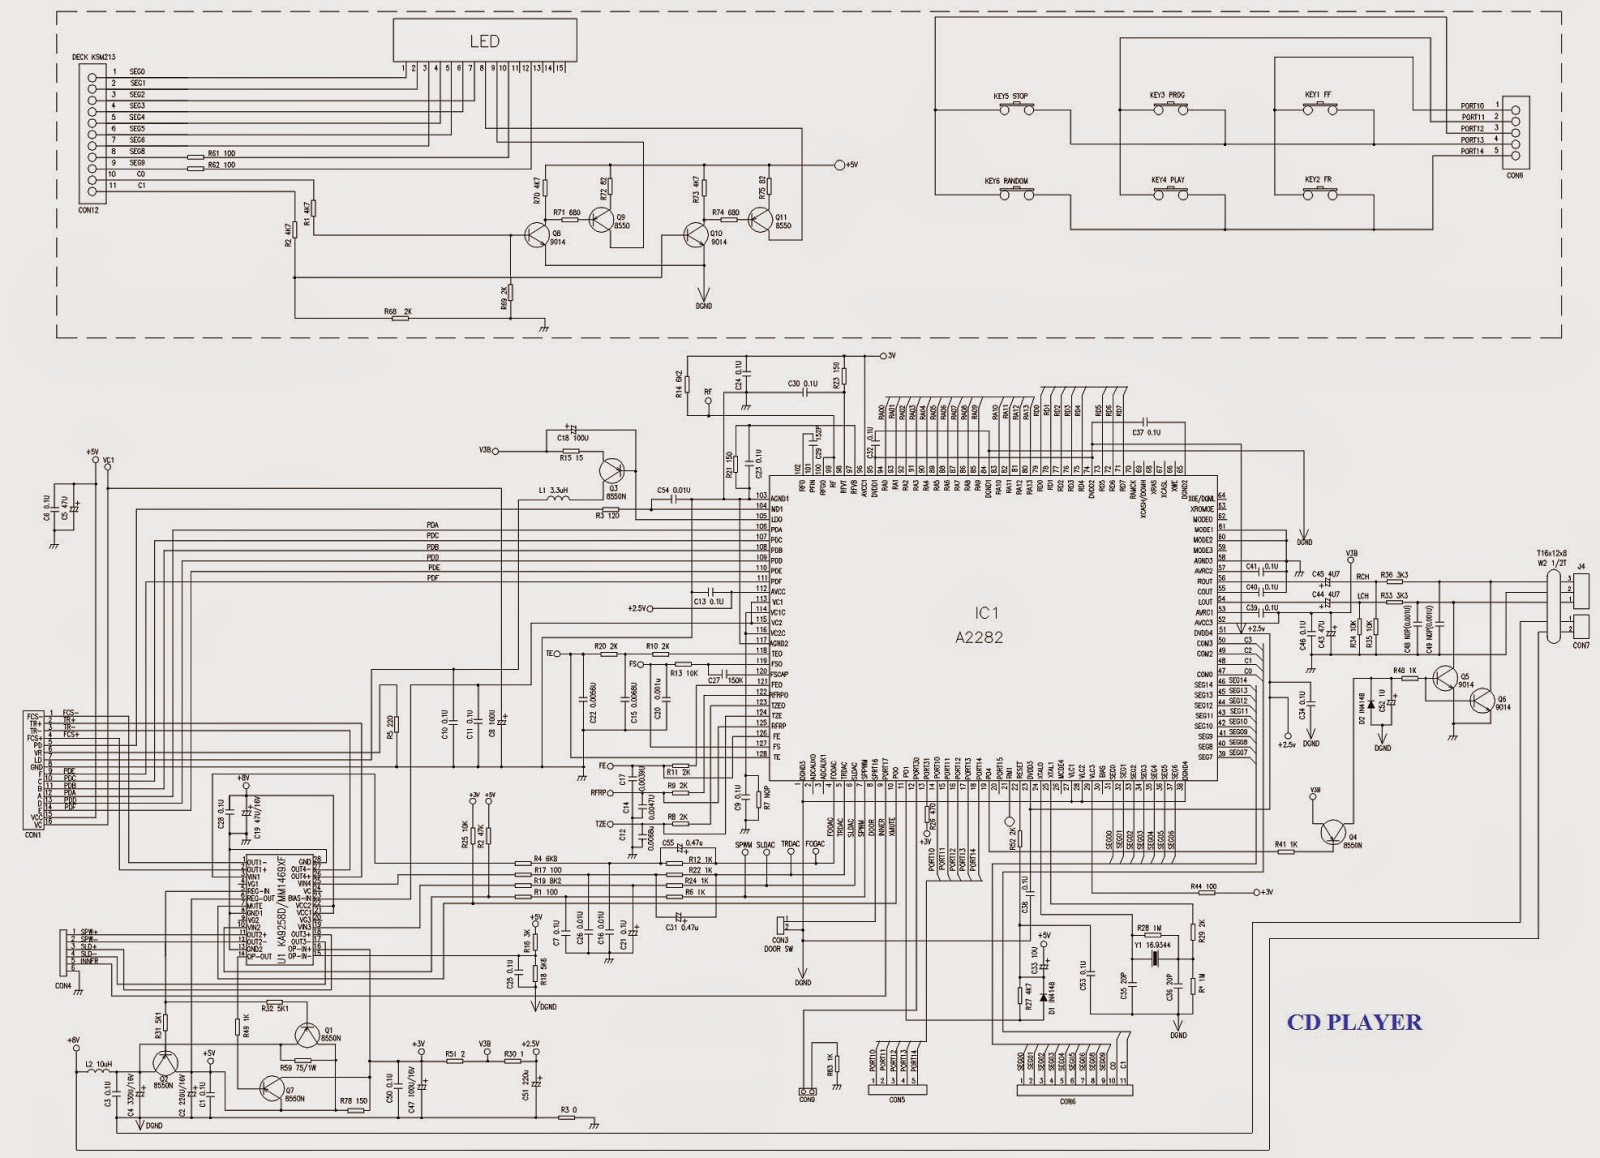 medium resolution of cd player schematic wiring diagram datasource car cd player schematic cd player schematic